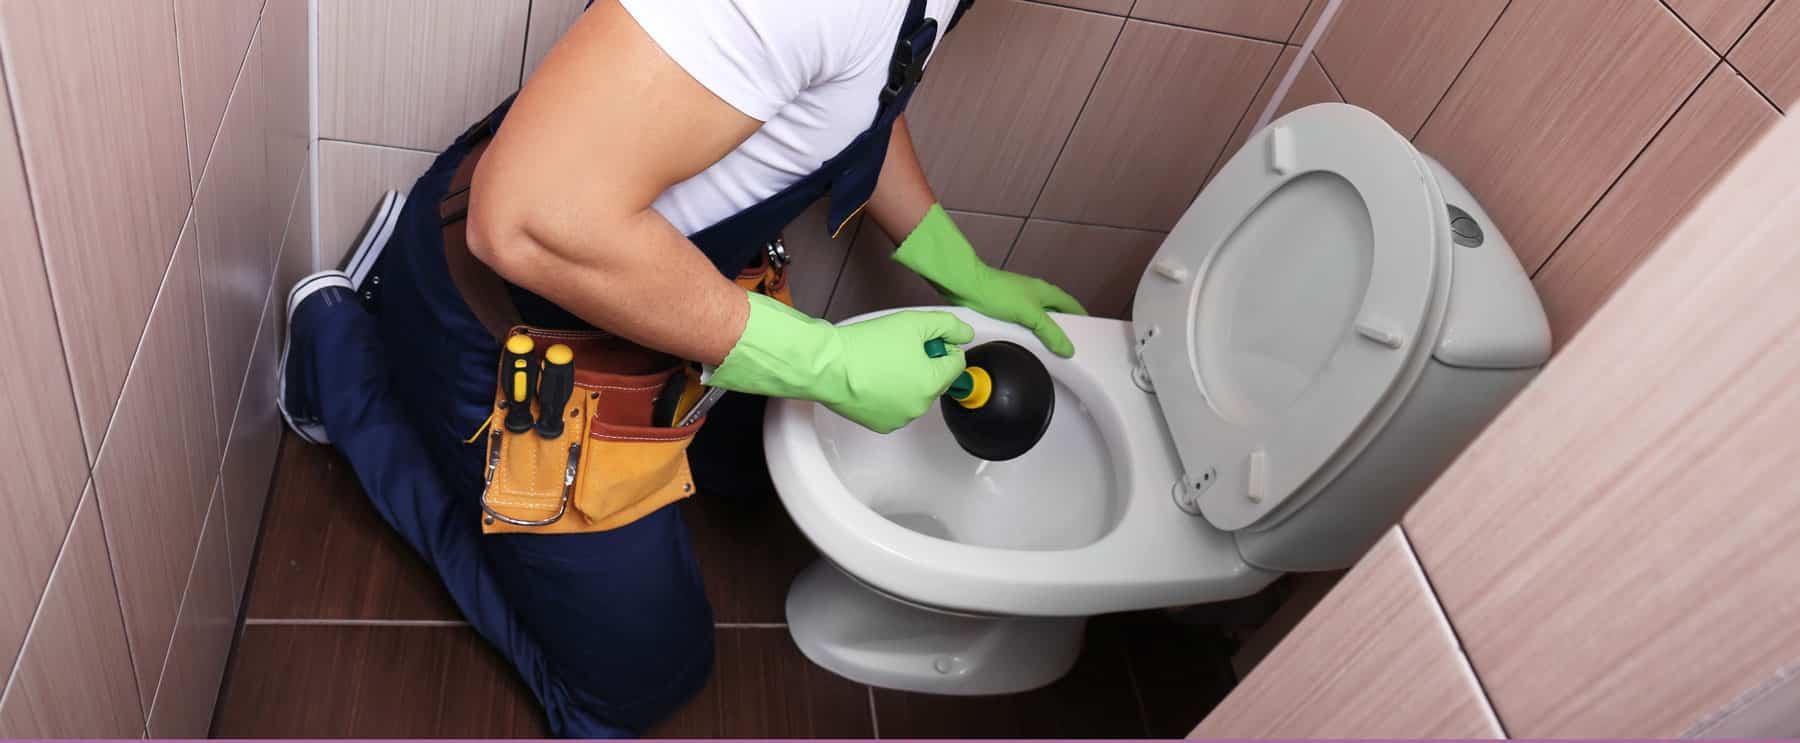 Déboucher ses toilettes: que peut-on utiliser?